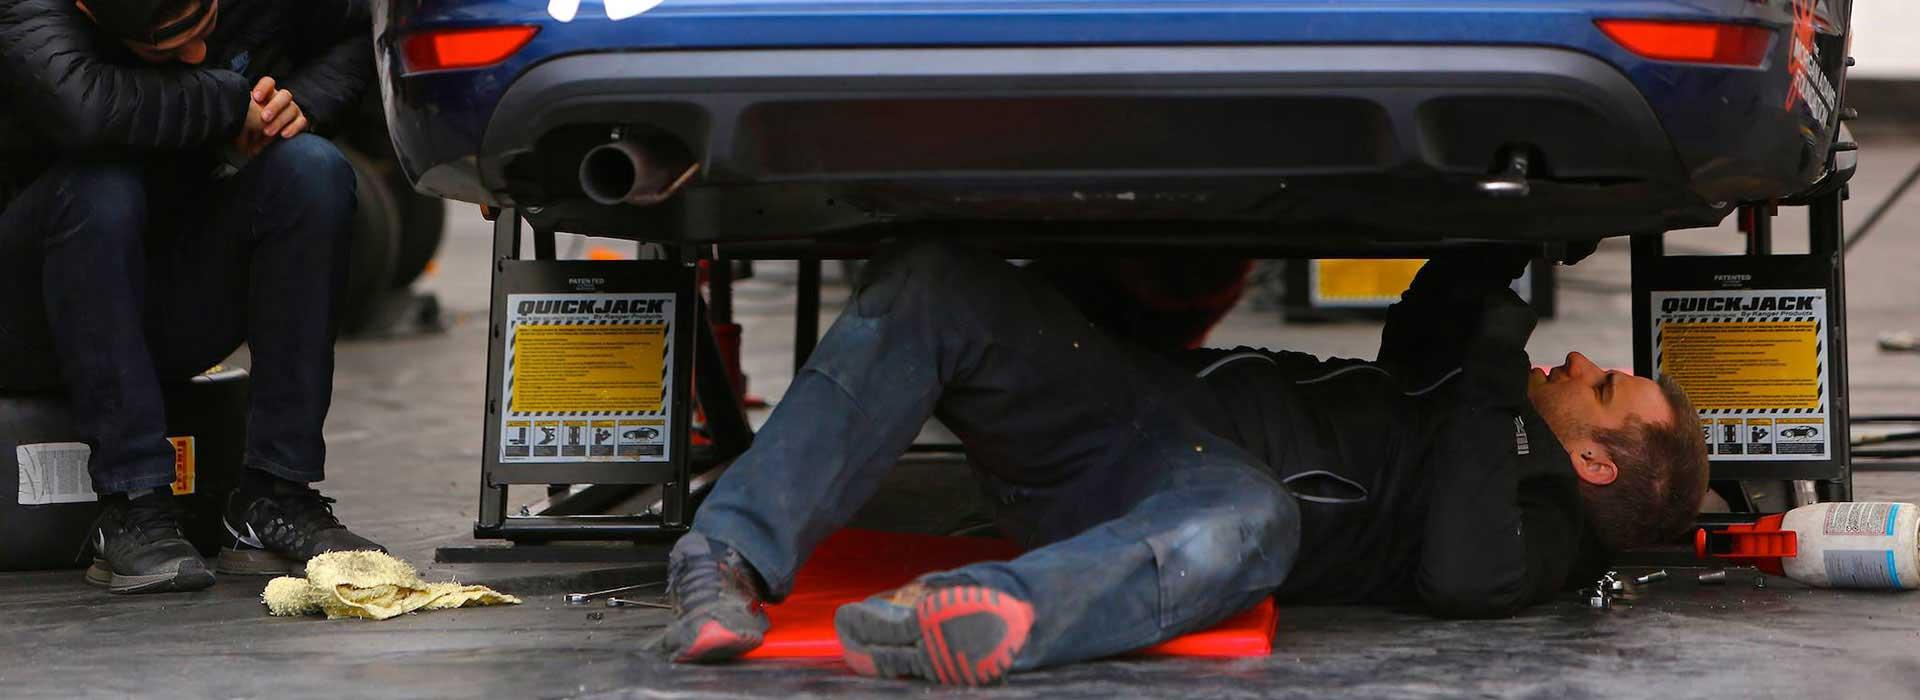 QuickJack Race Track Car Lift